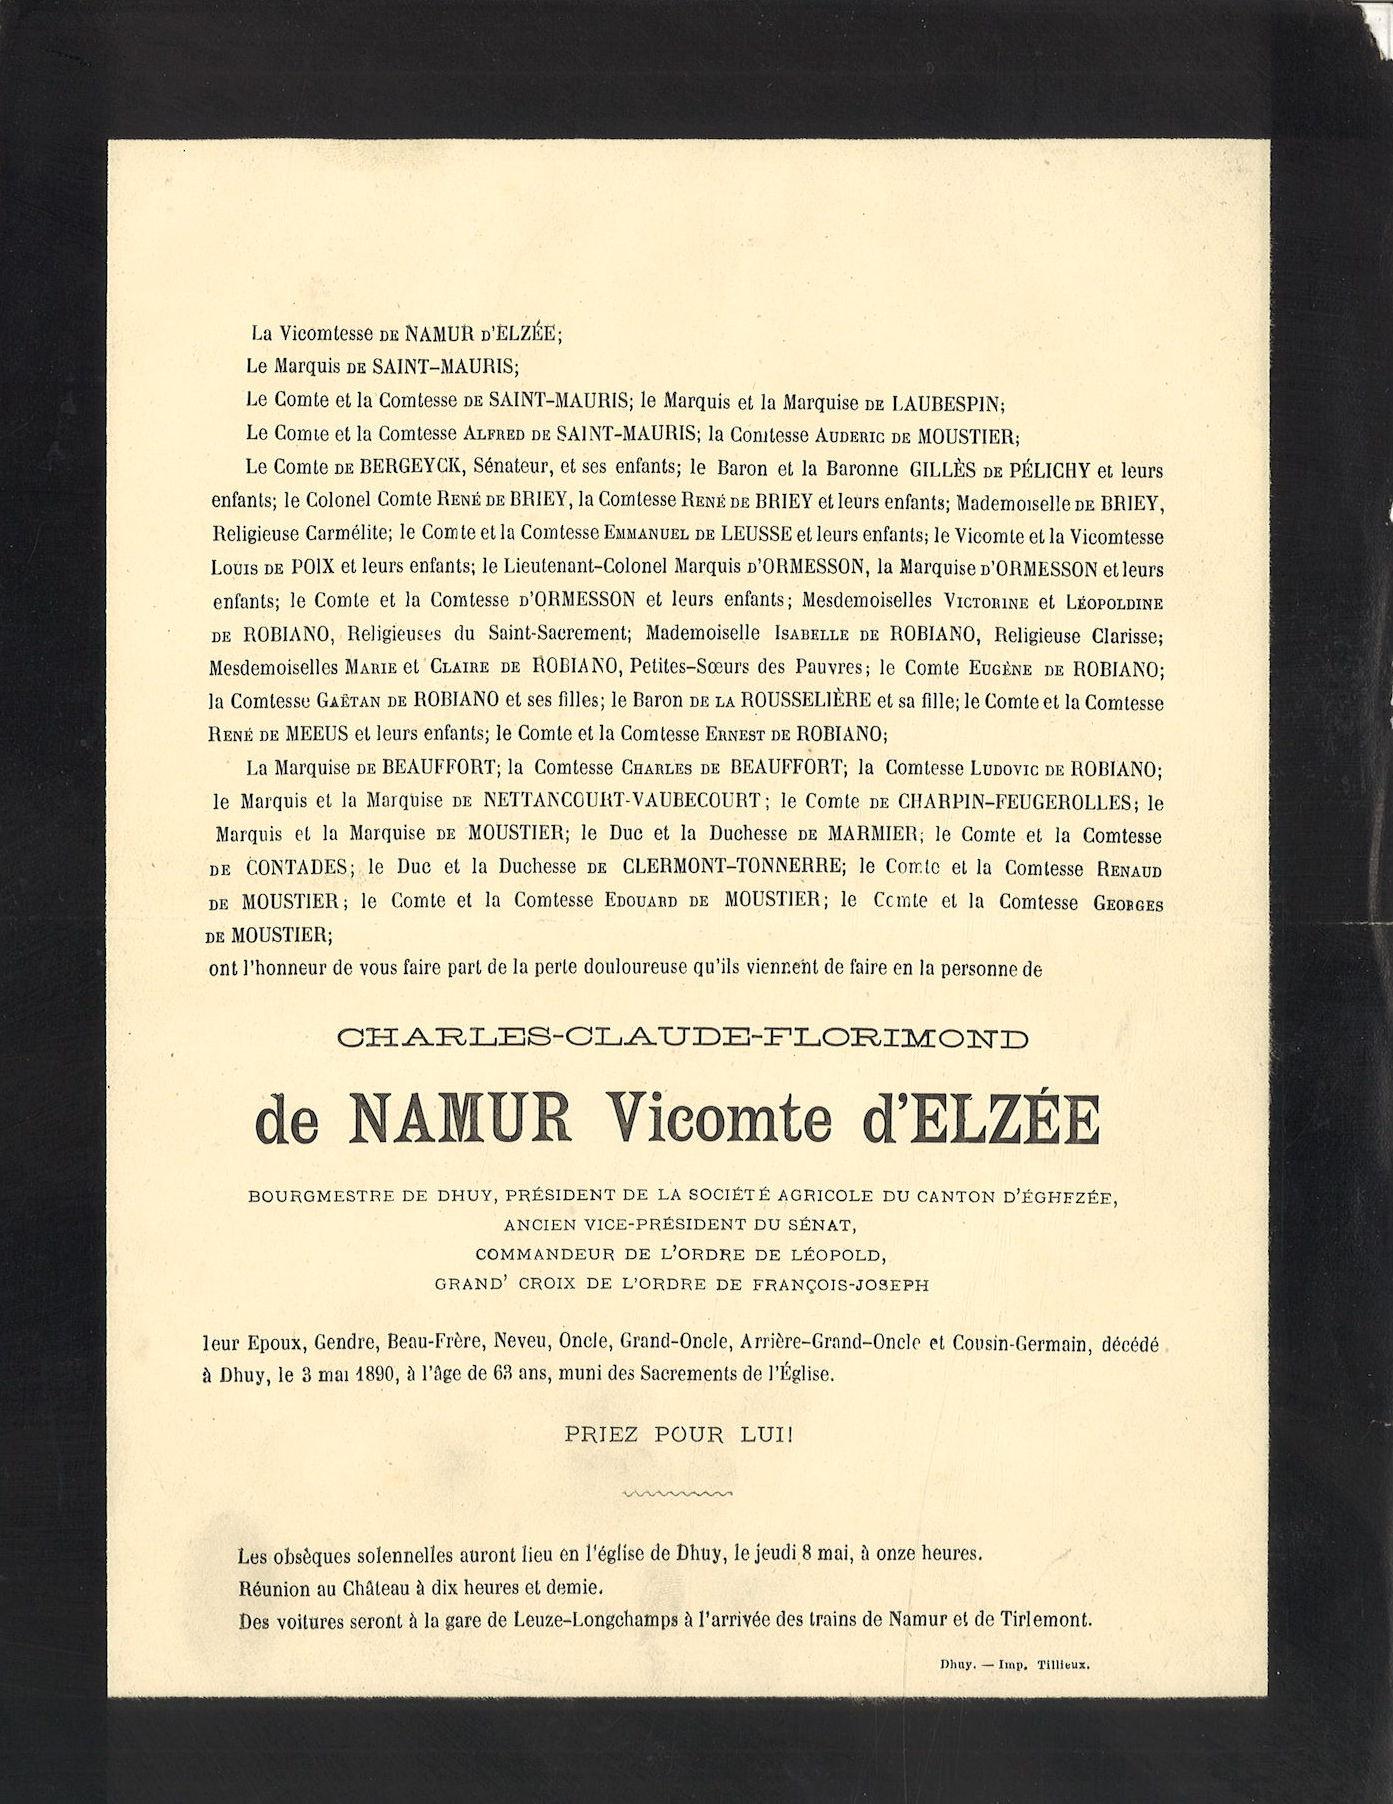 Charles-Clauyde-Florimond de Namur Vicomted' Elzée